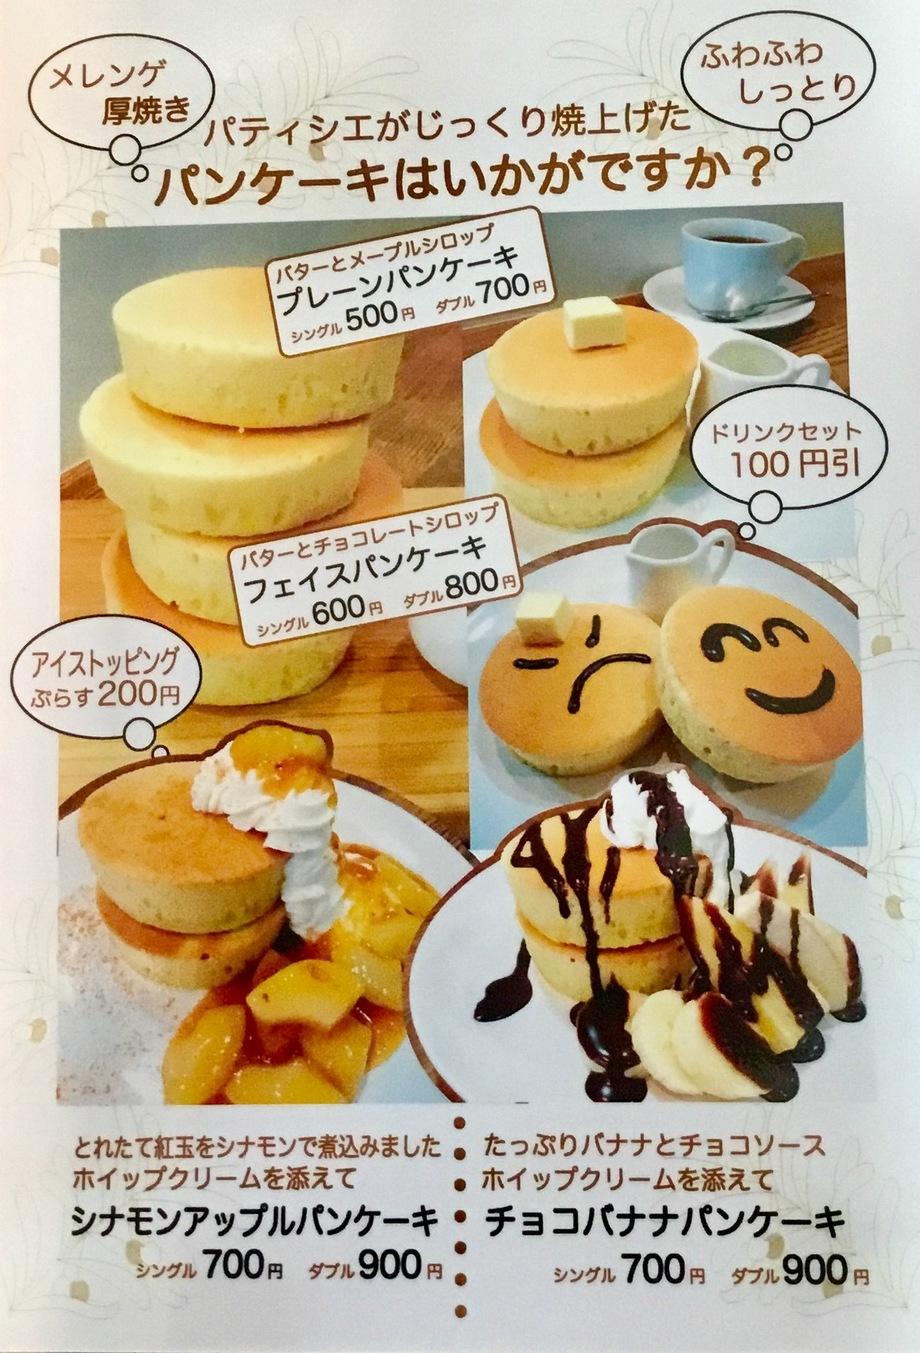 厚焼きパンケーキ